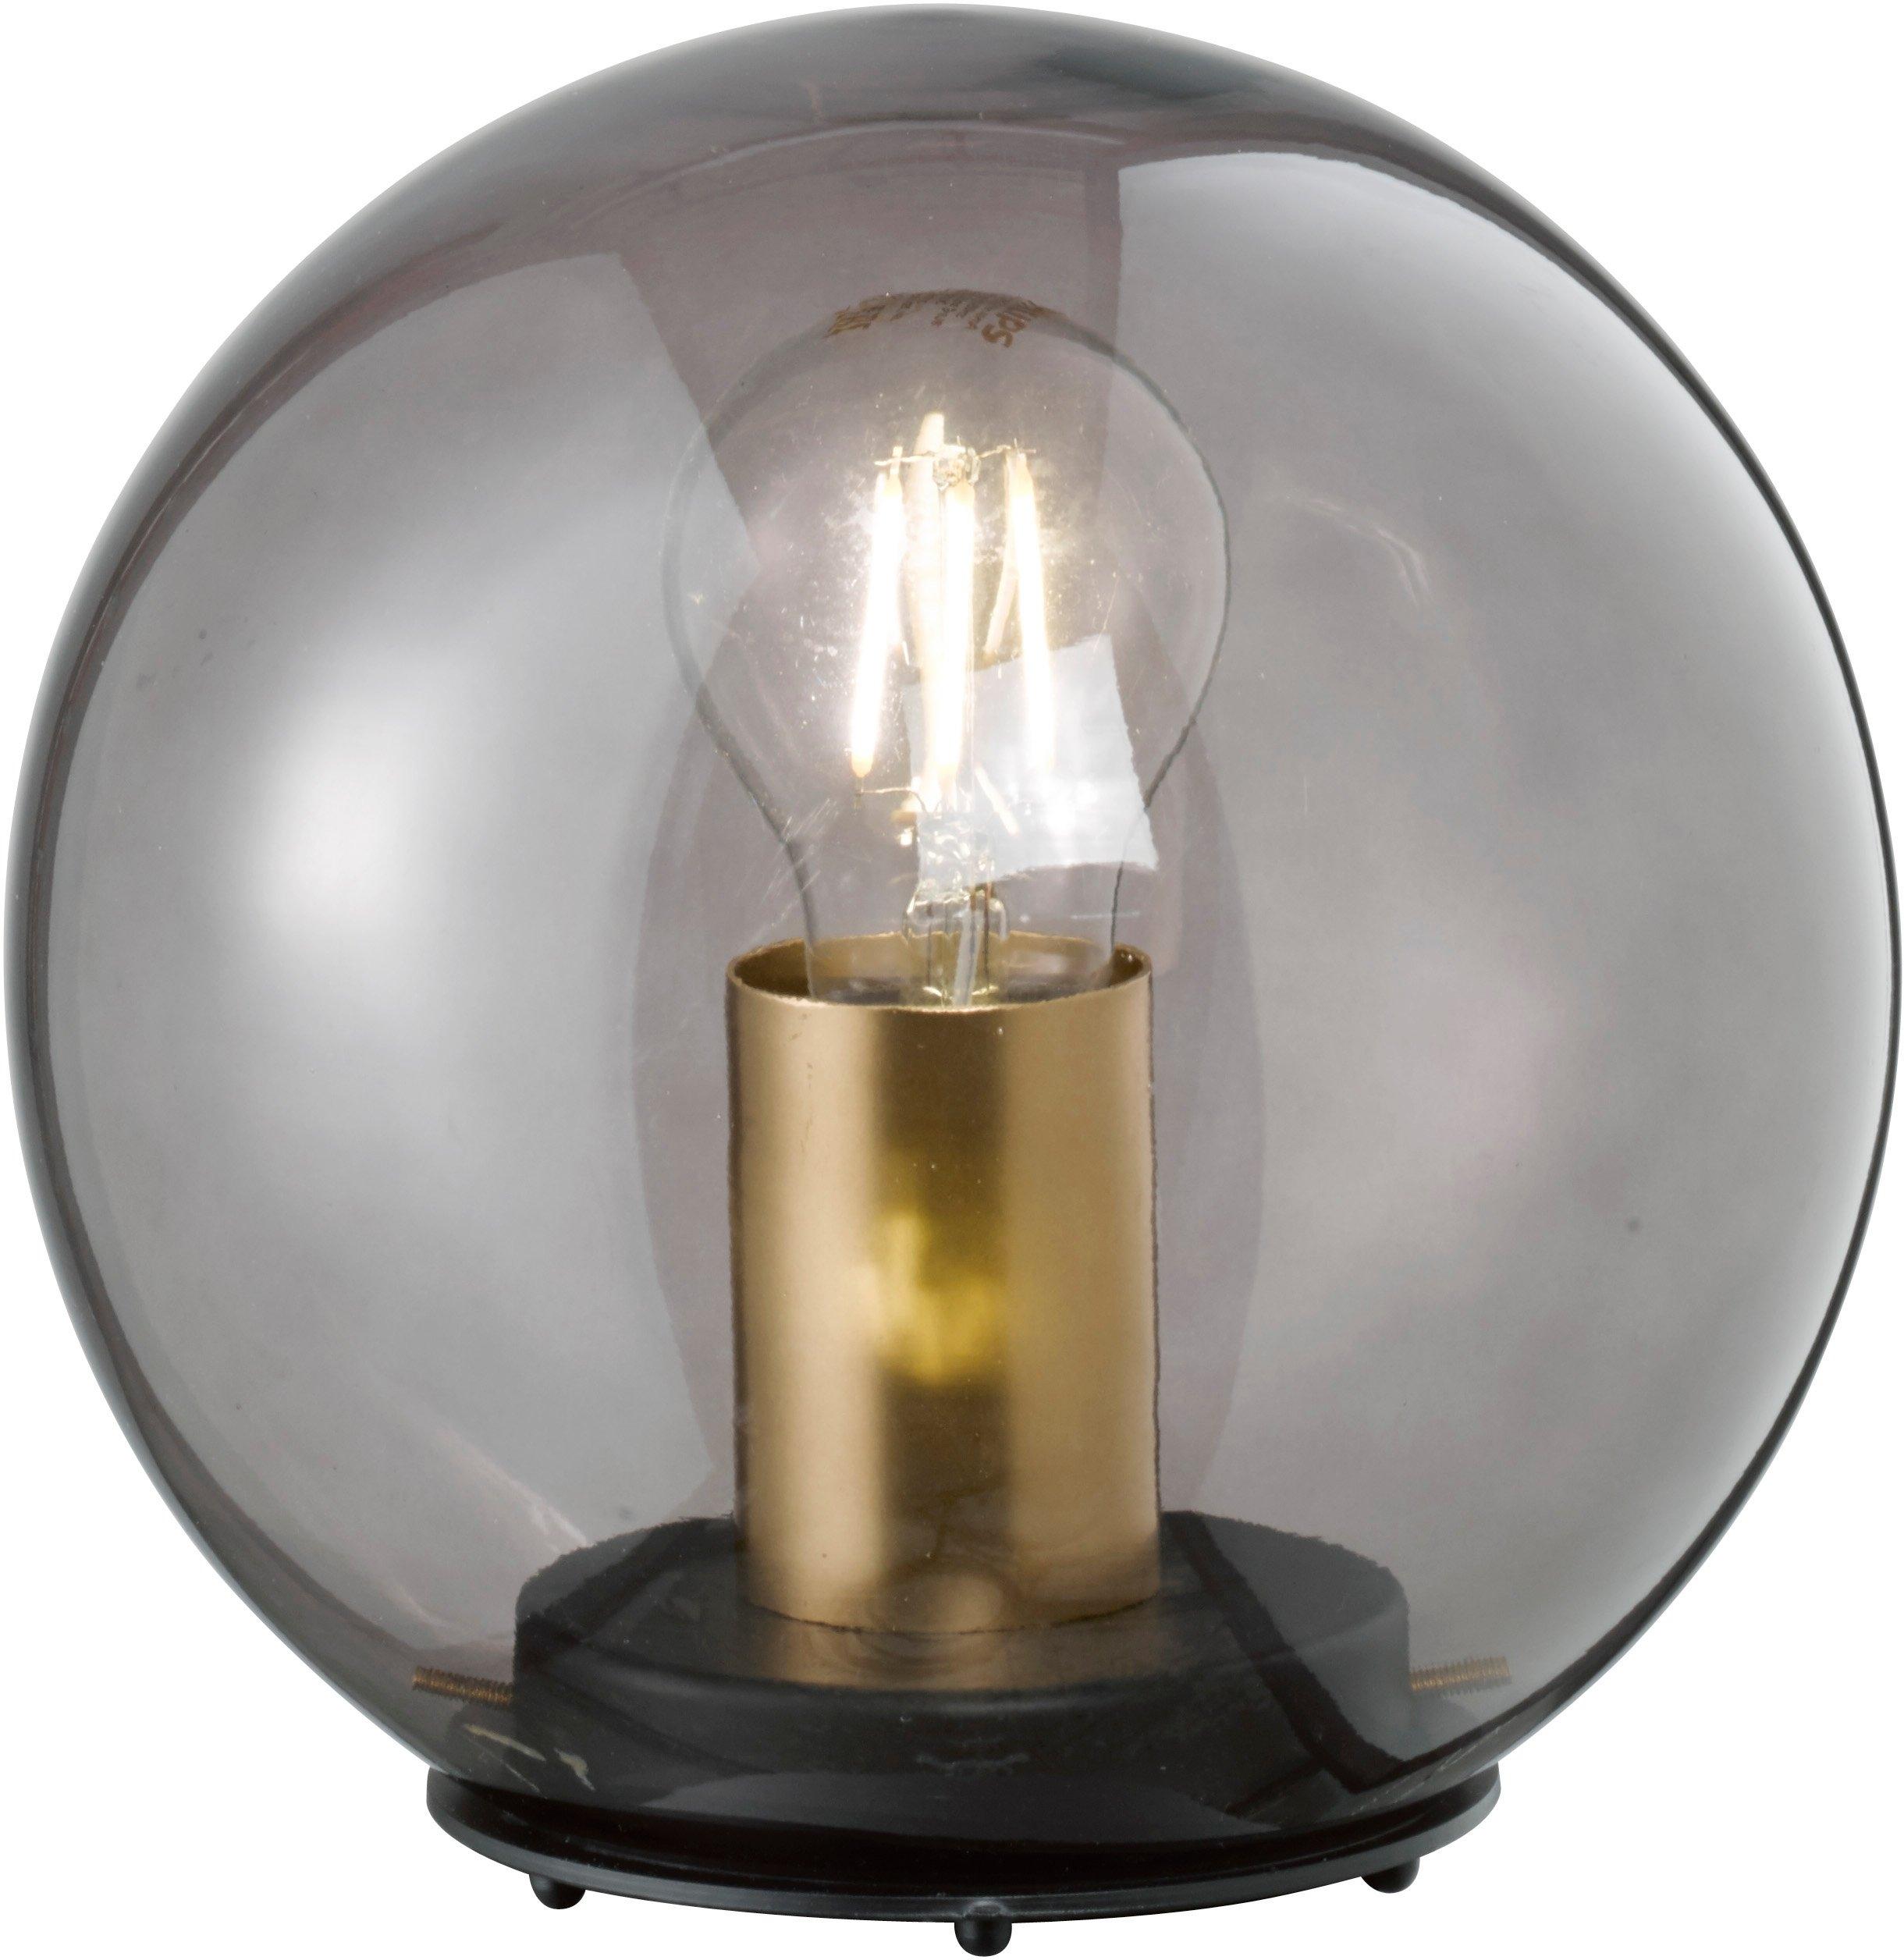 FISCHER & HONSEL tafellamp »Dini« goedkoop op otto.nl kopen